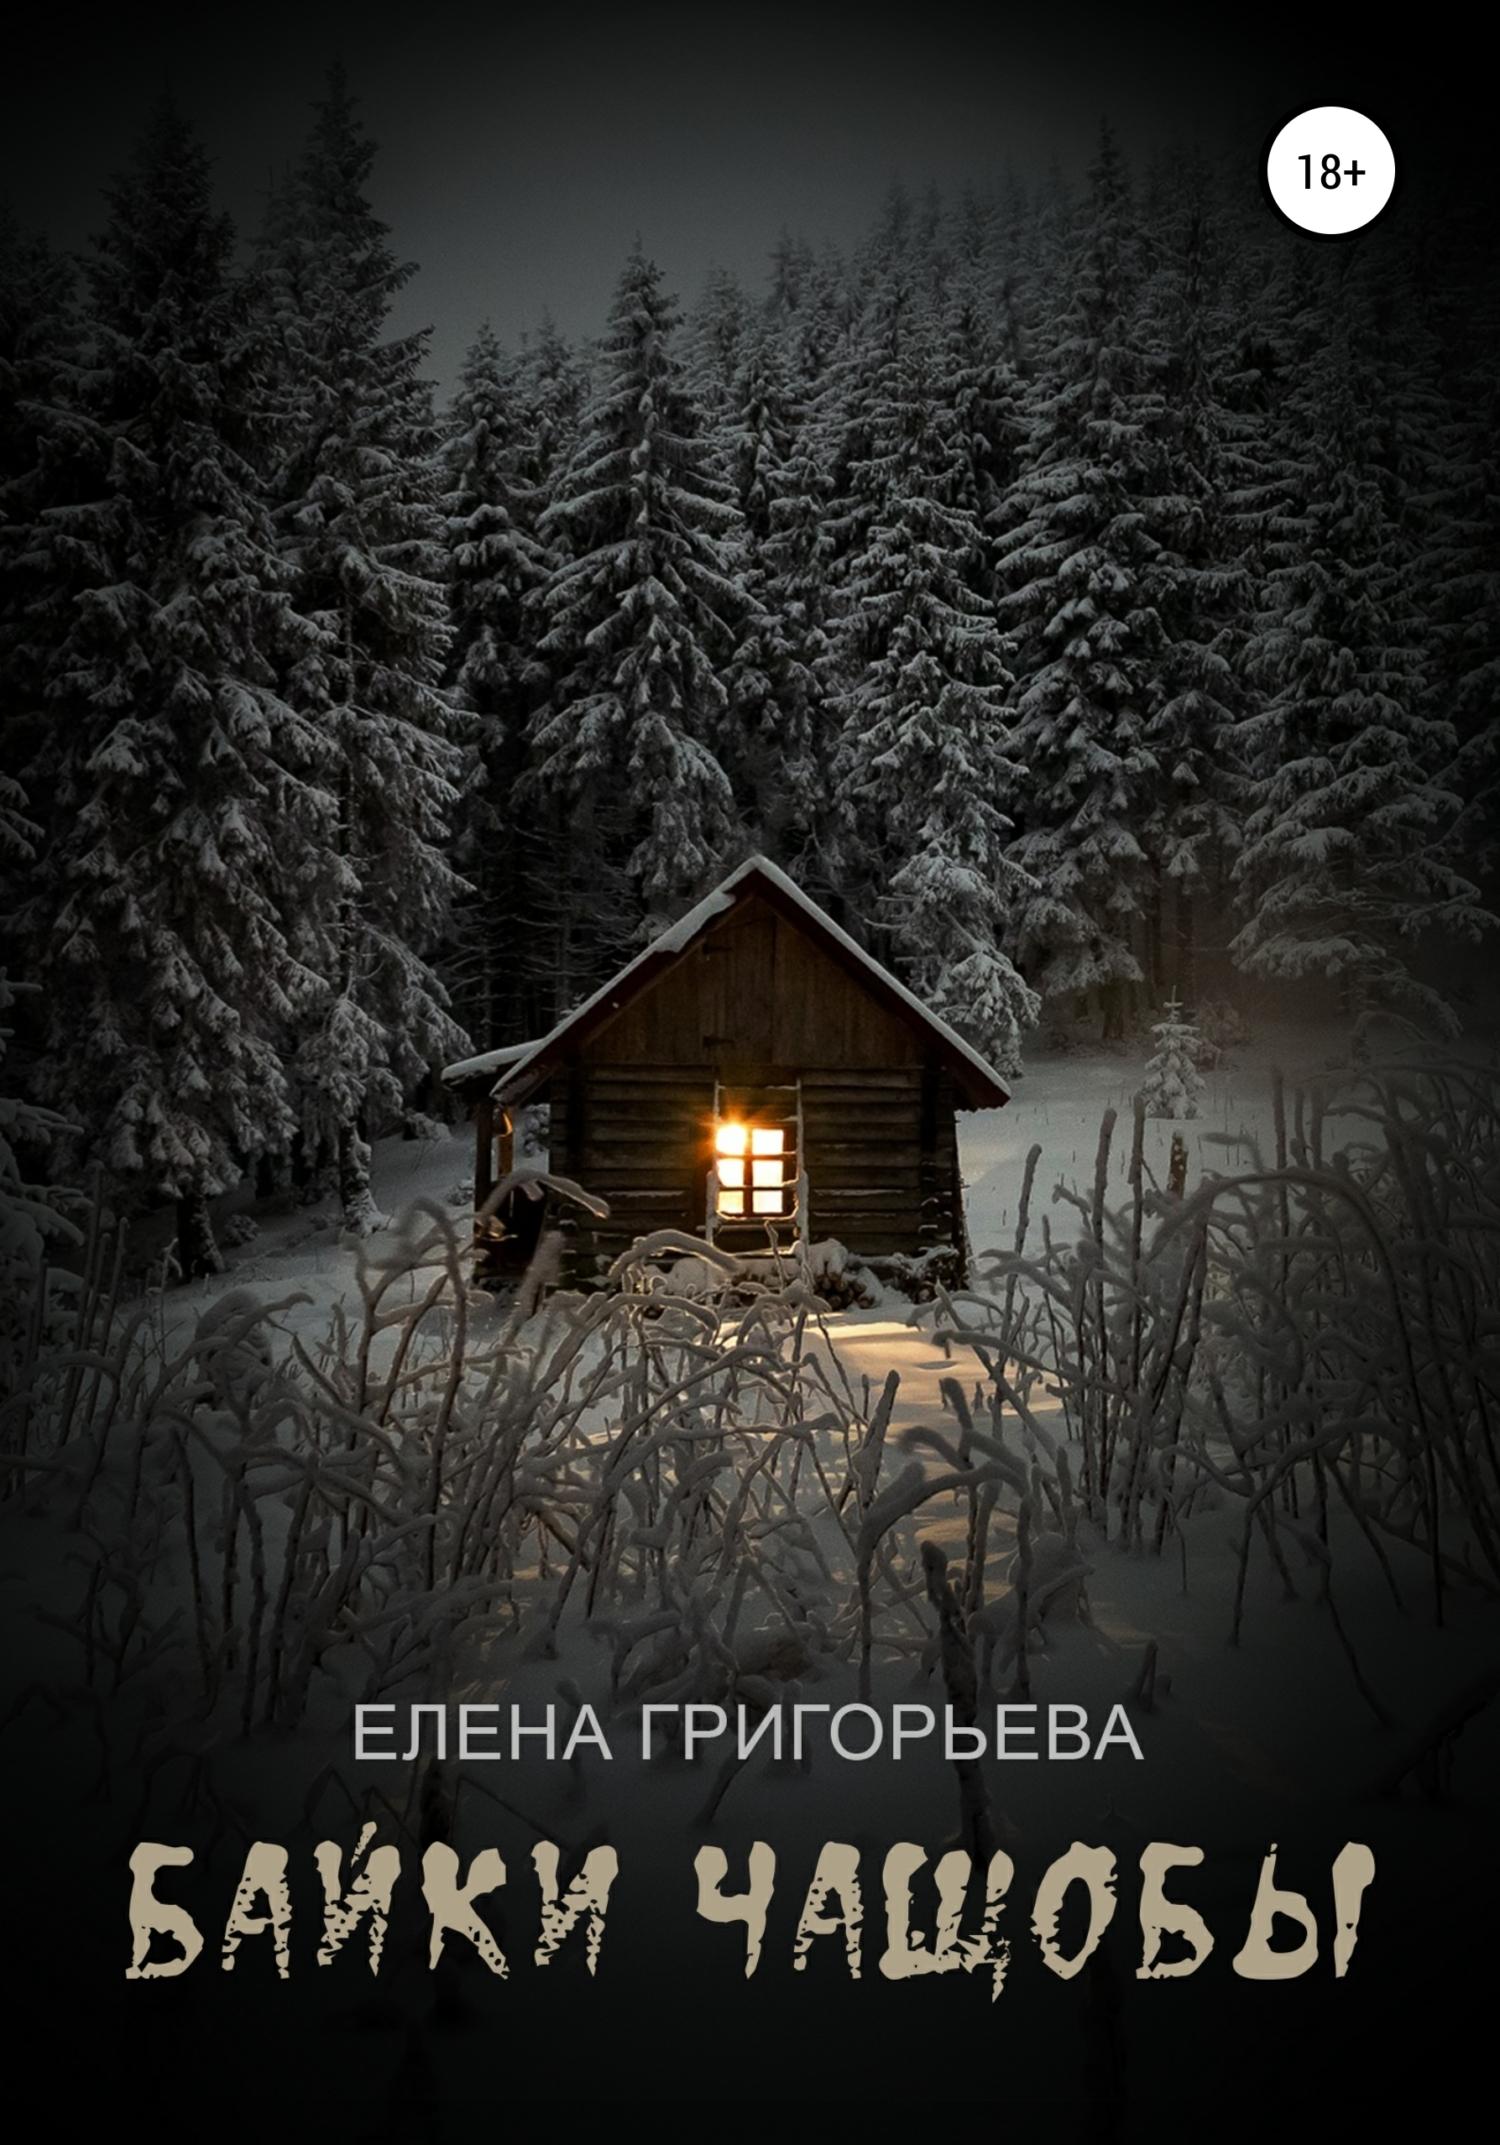 Елена Григорьева Байки чащобы на телефон теми